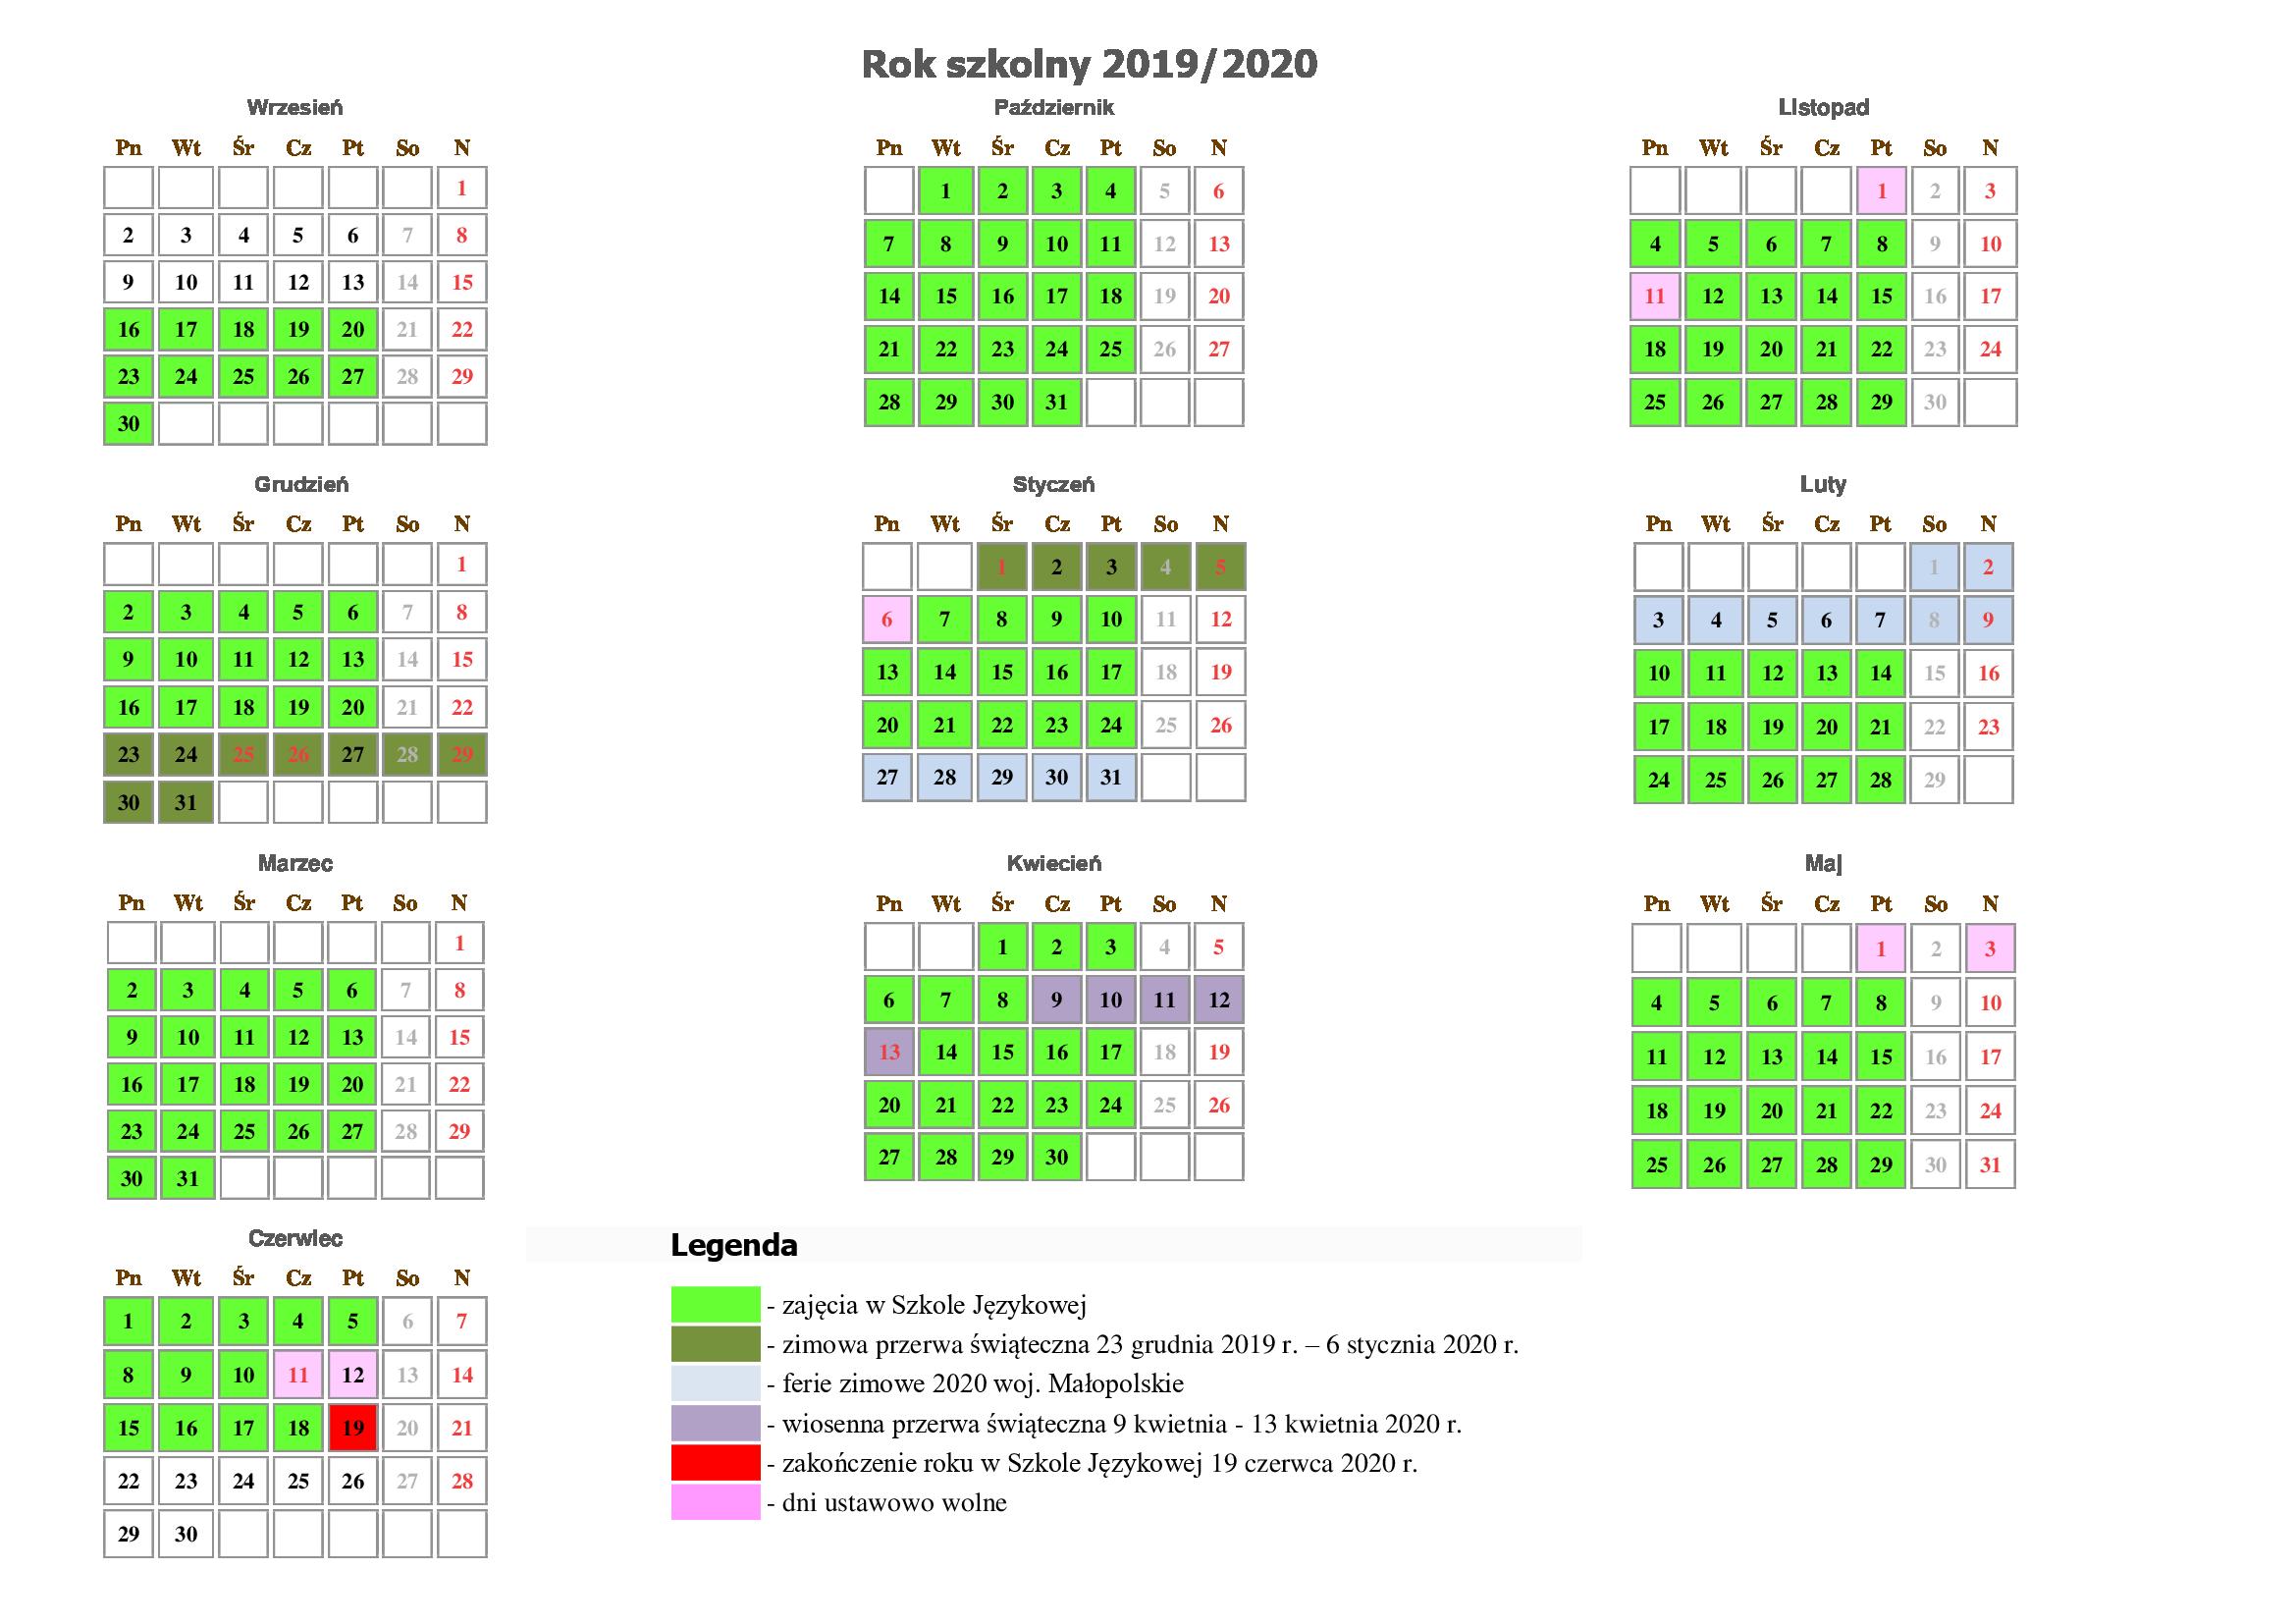 Kalendarz Rok Szkolny 2019/2020